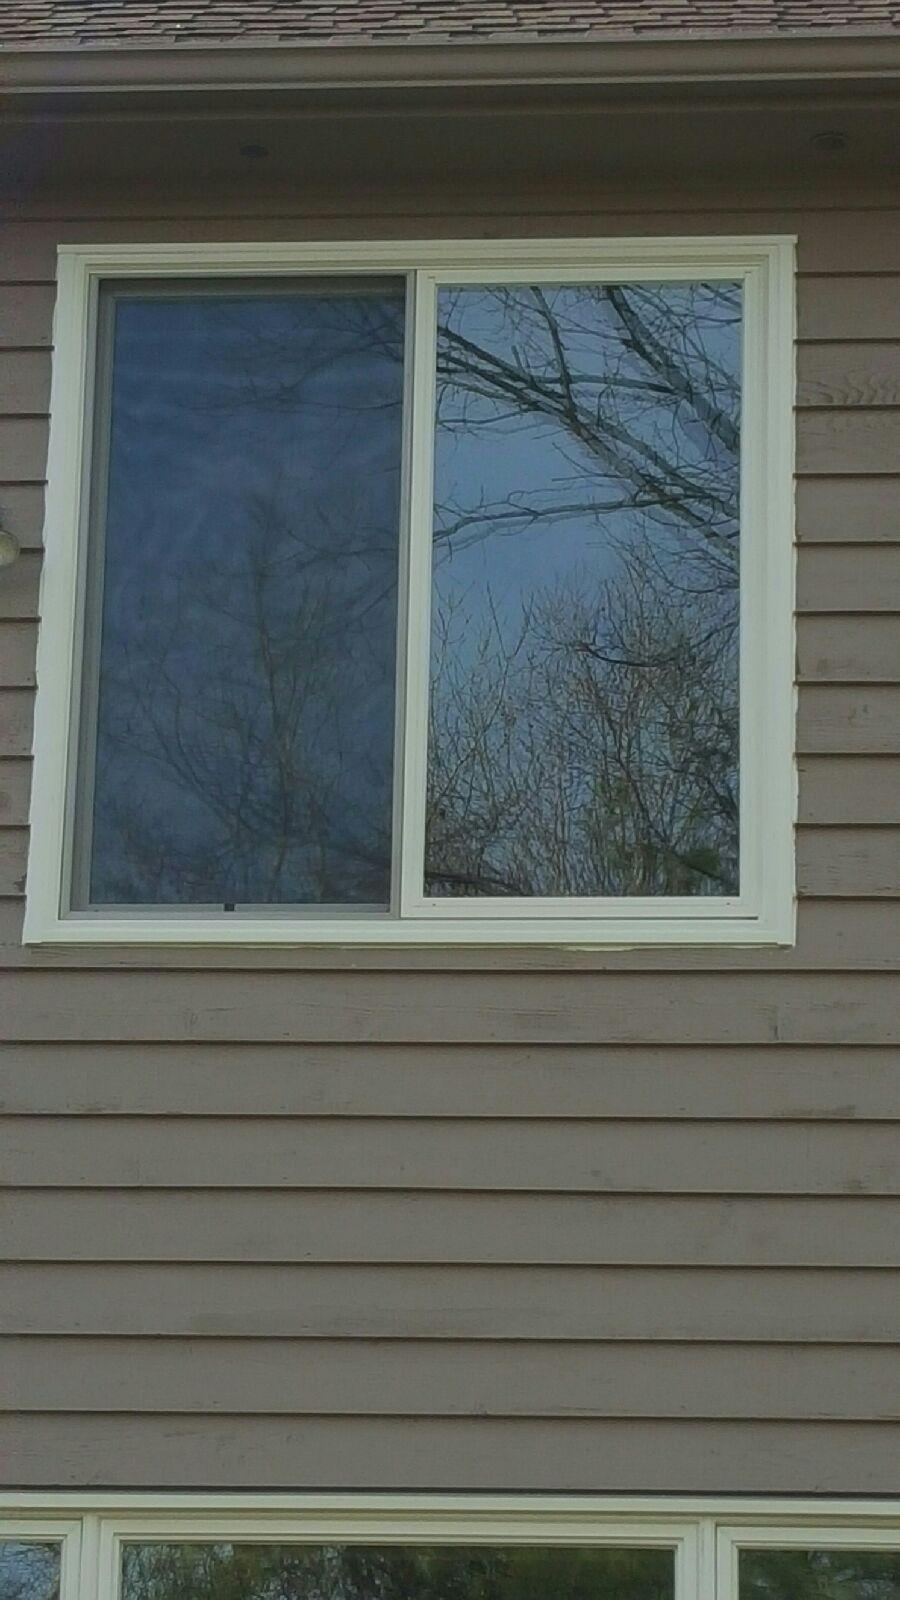 Jfk Window And Door S Window Wednesday Post For Andersen